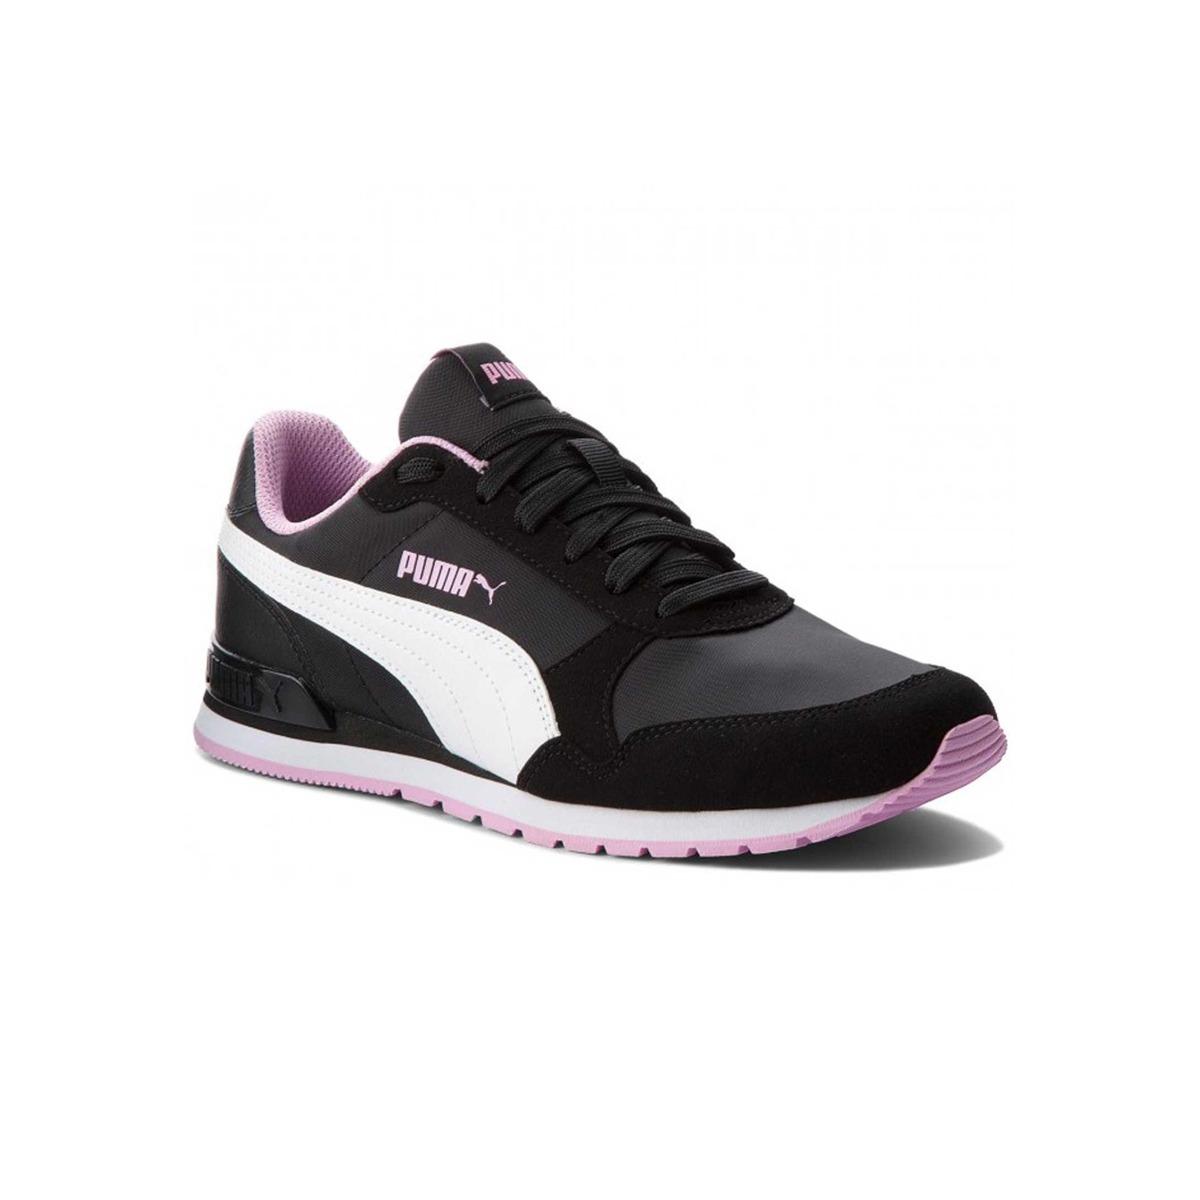 590f53e35dbfb zapatillas puma moda st runner v2 nl mujer ng bl. Cargando zoom.